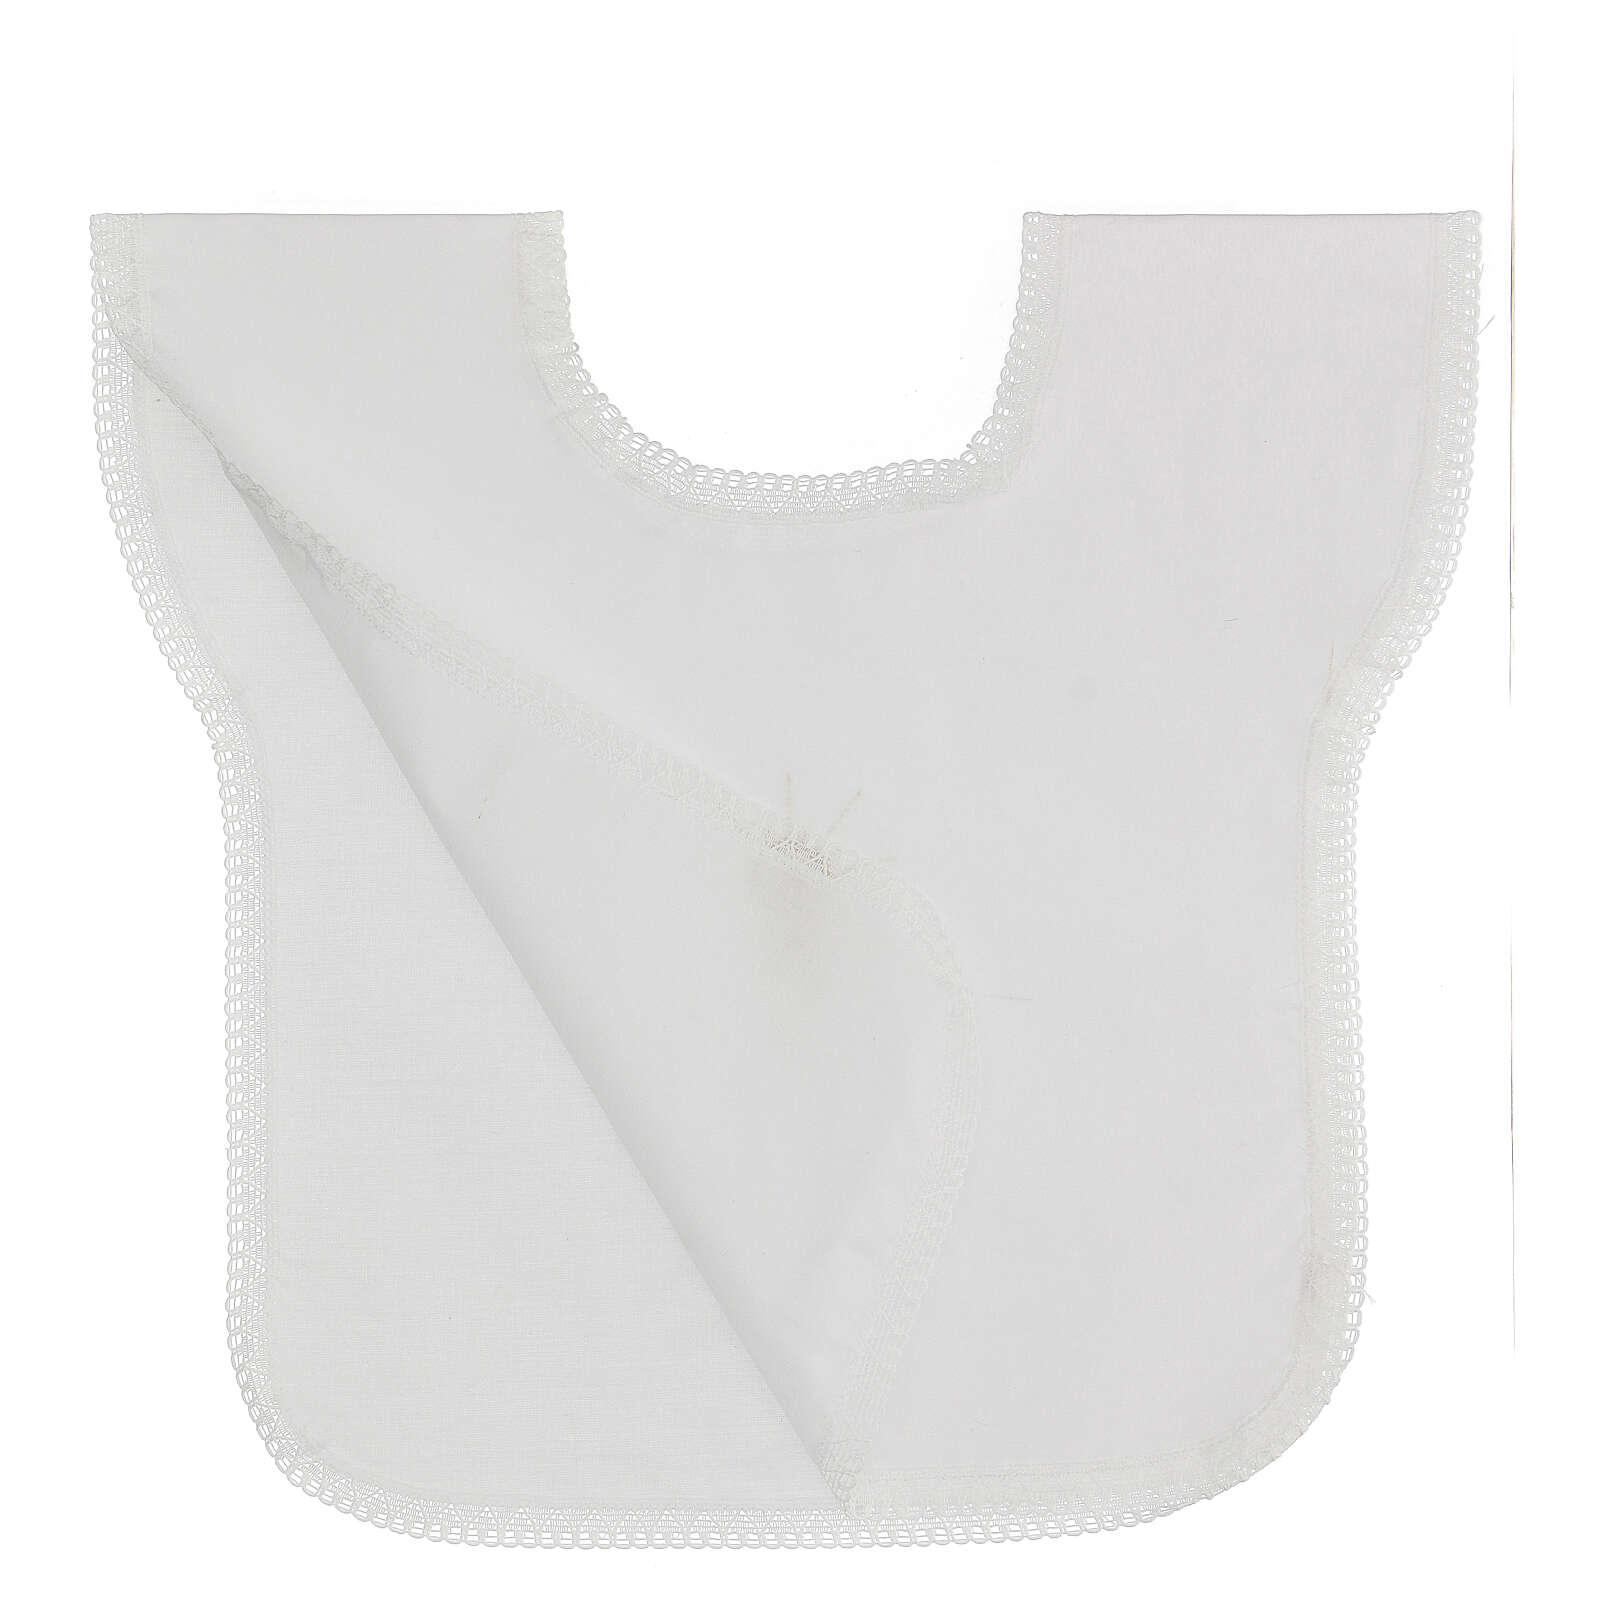 Set bautismo faldón y pañuelo mixto algodón blanco 10 piezas 4